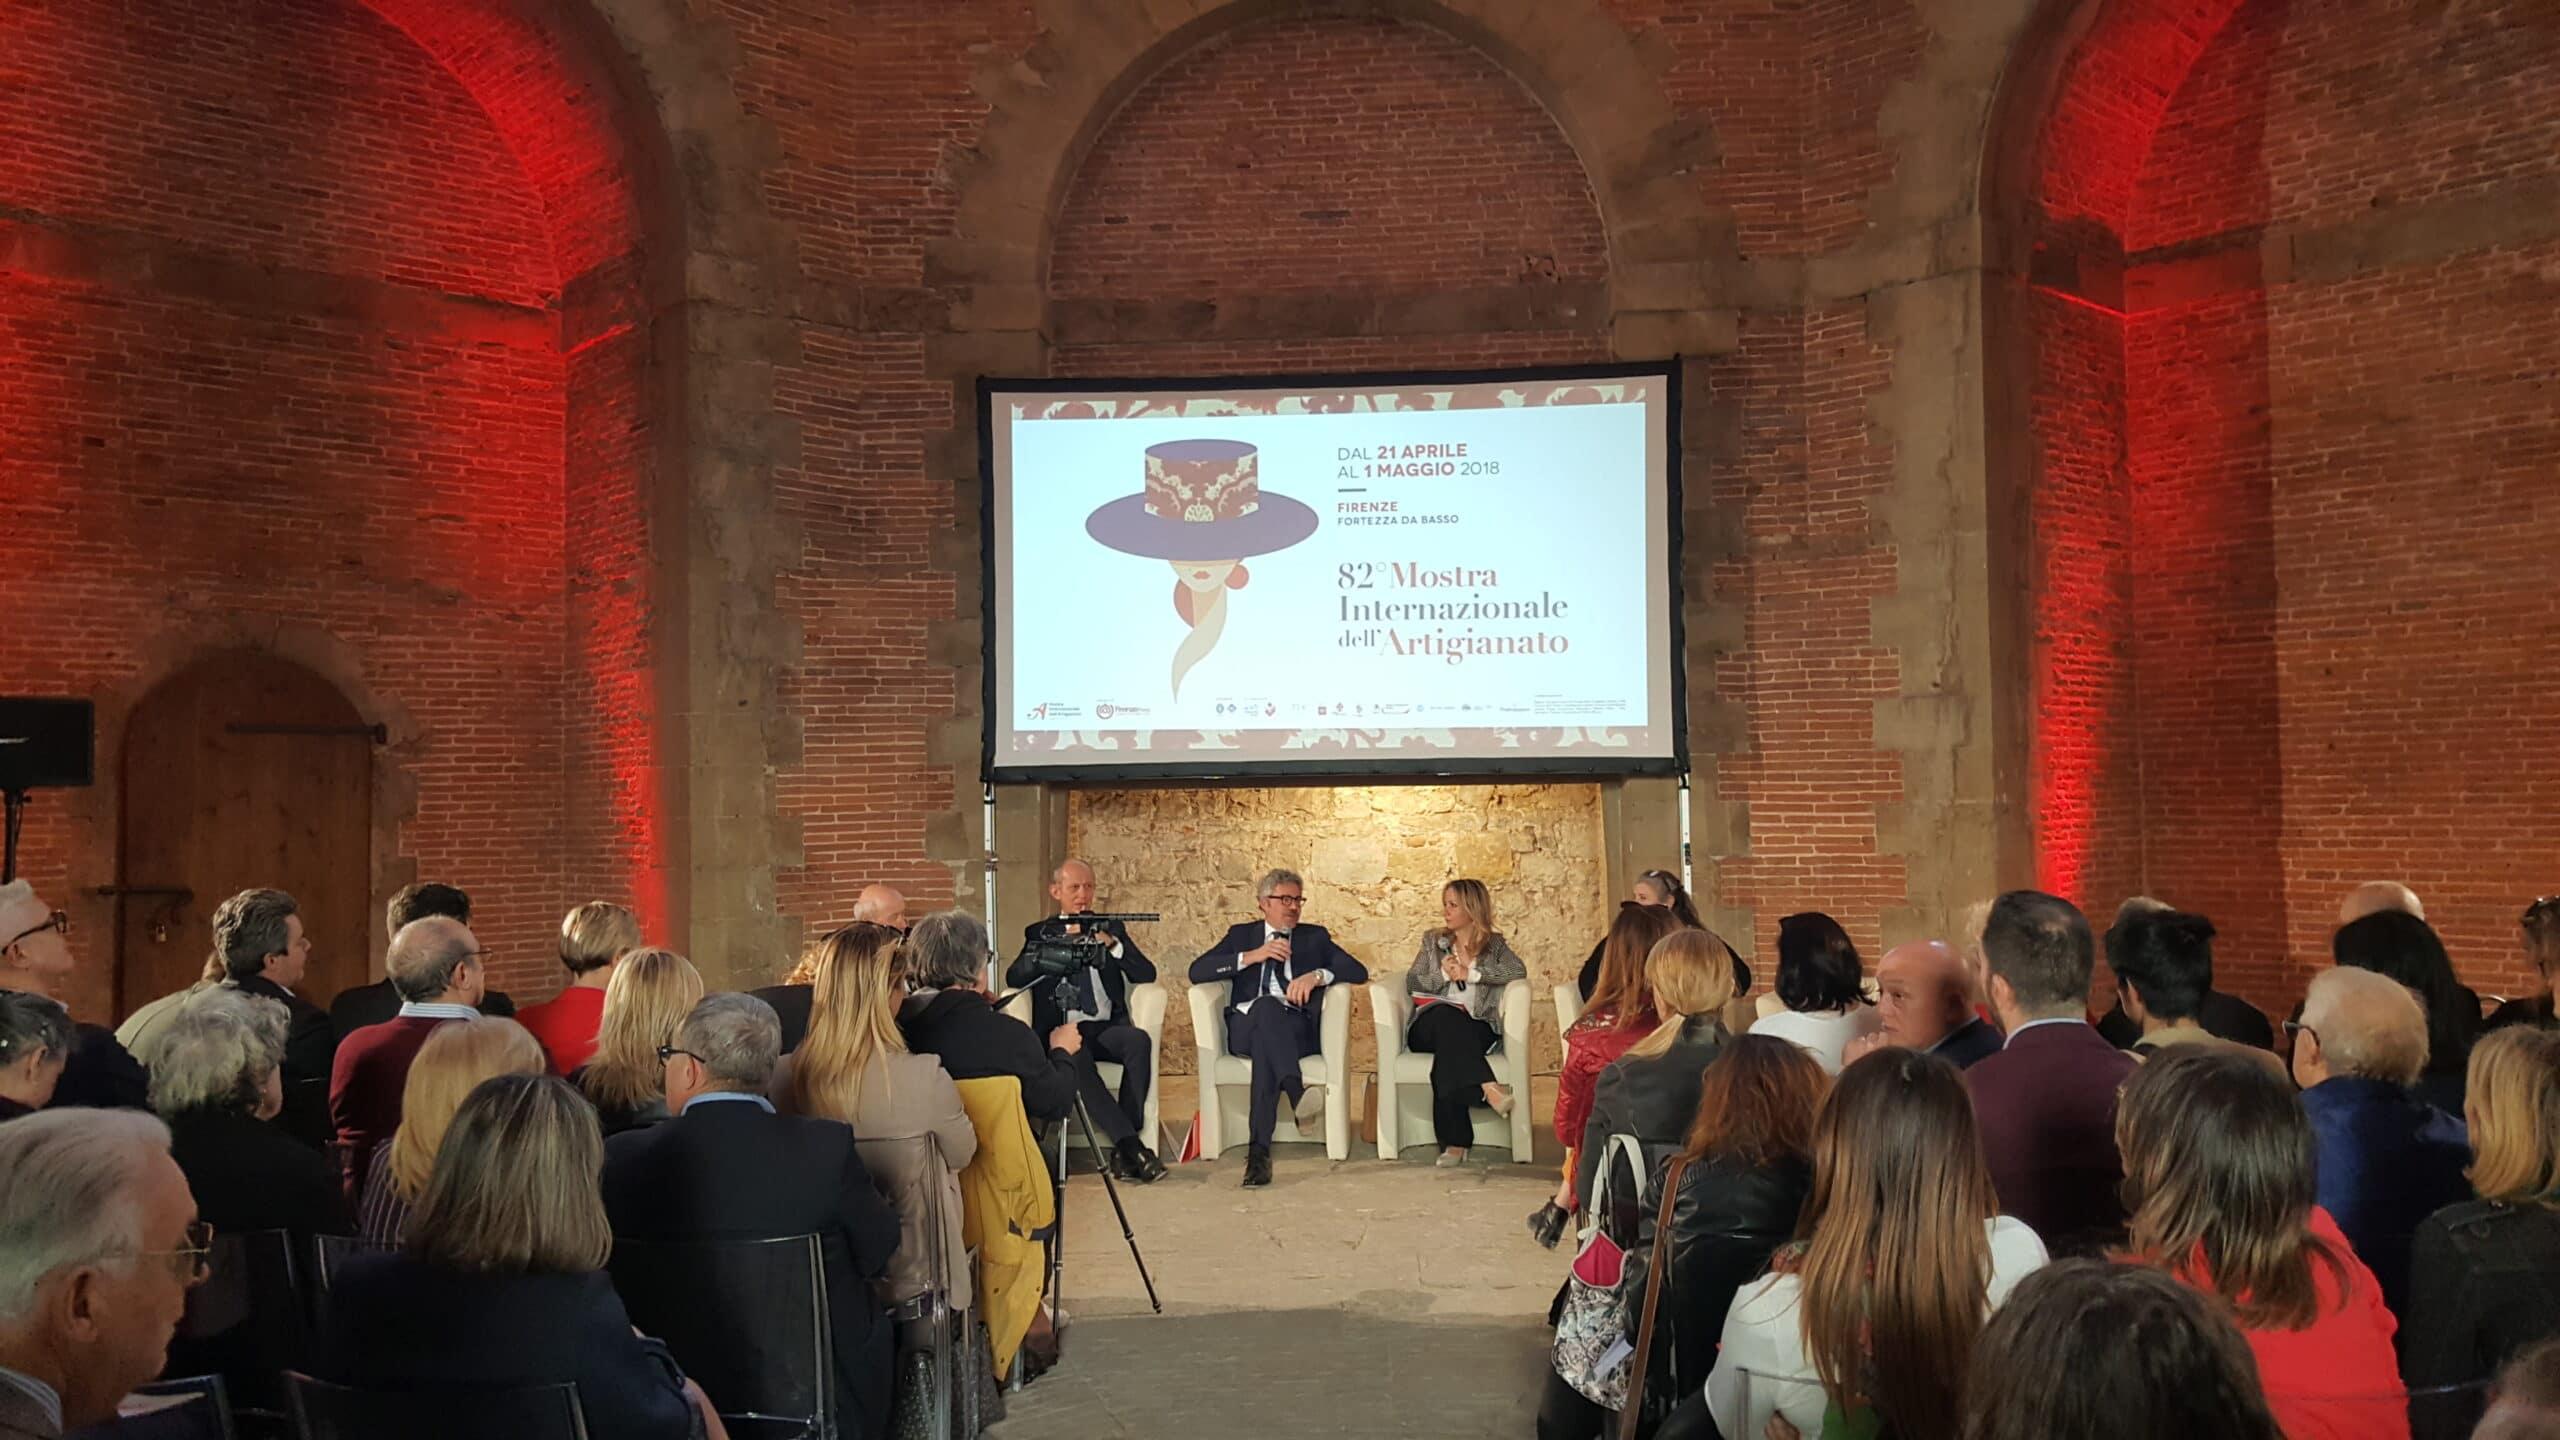 Photo of Mostra Artigianato 2018, dal 21 aprile al 1 maggio alla Fortezza da Basso di Firenze